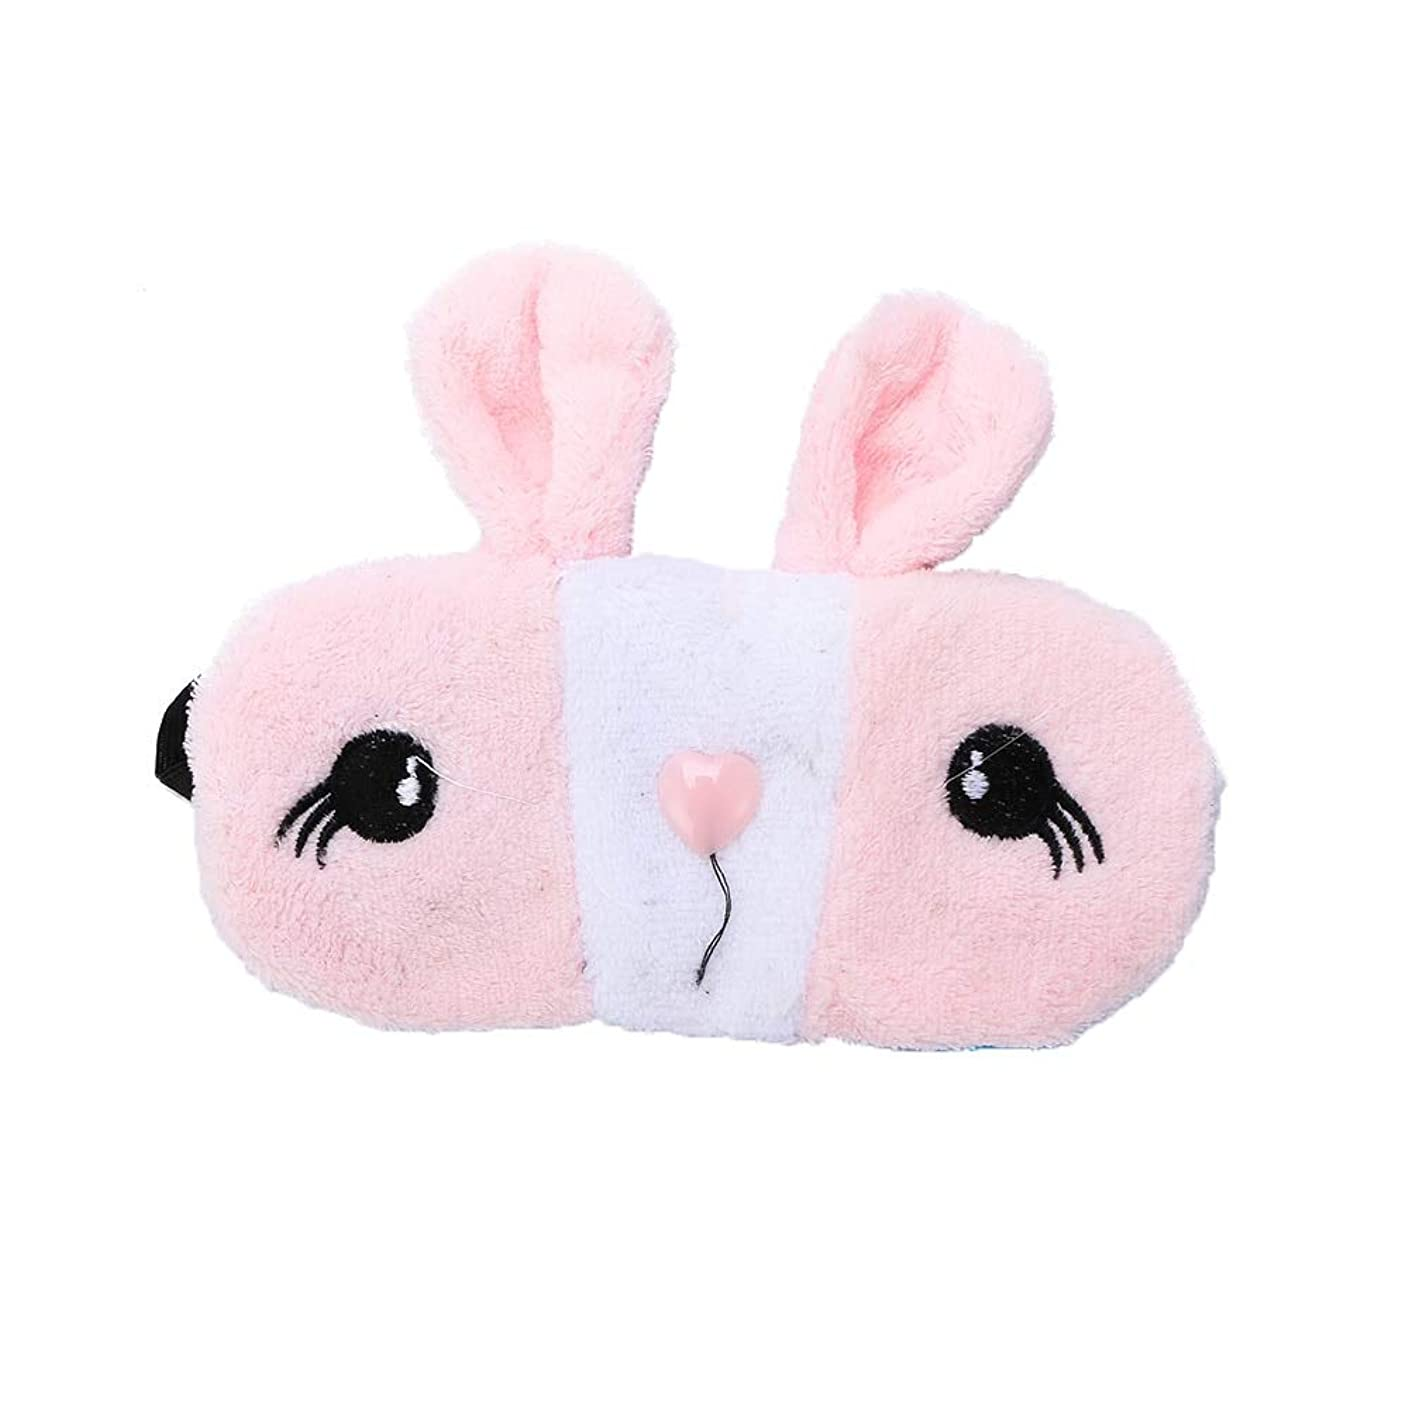 を必要としています座る精算NOTE 1ピースかわいいウサギの形のアイスバッグアイシェードぬいぐるみシェーディングポータブルリラックス深い睡眠アイマスク保護マスク目隠し